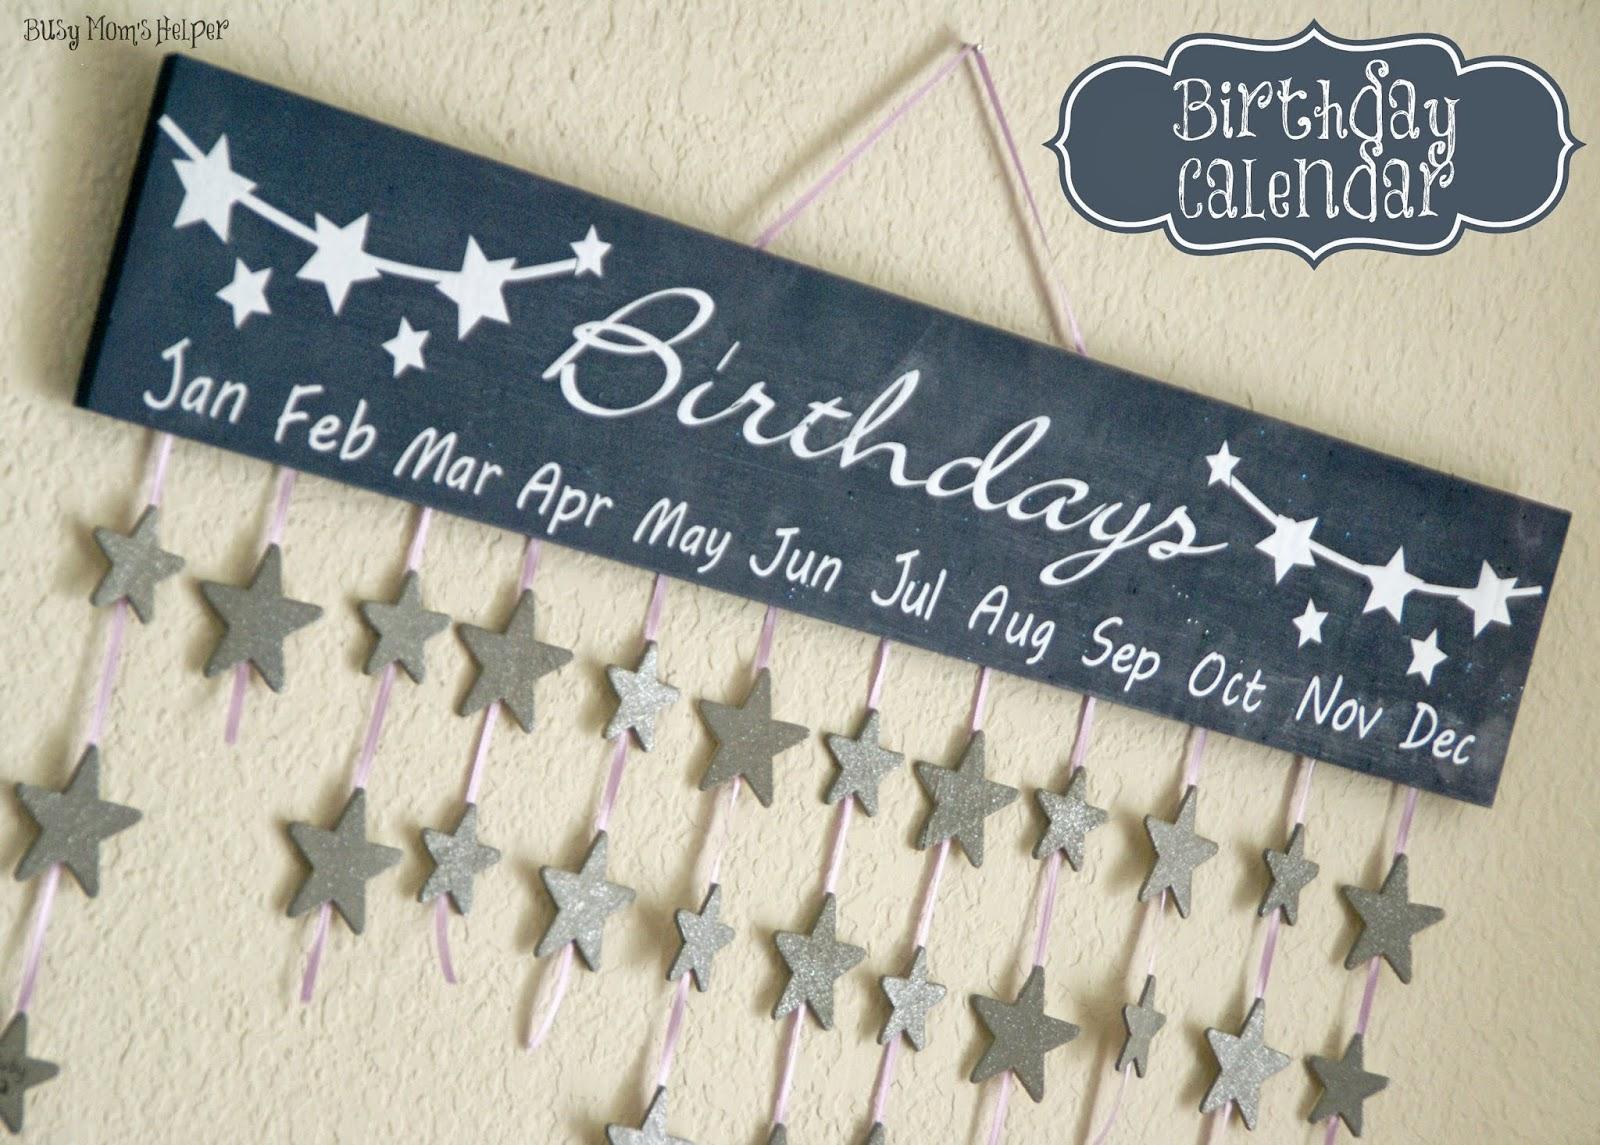 Diy Birthday Calendar : Birthday calendar diy busy moms helper